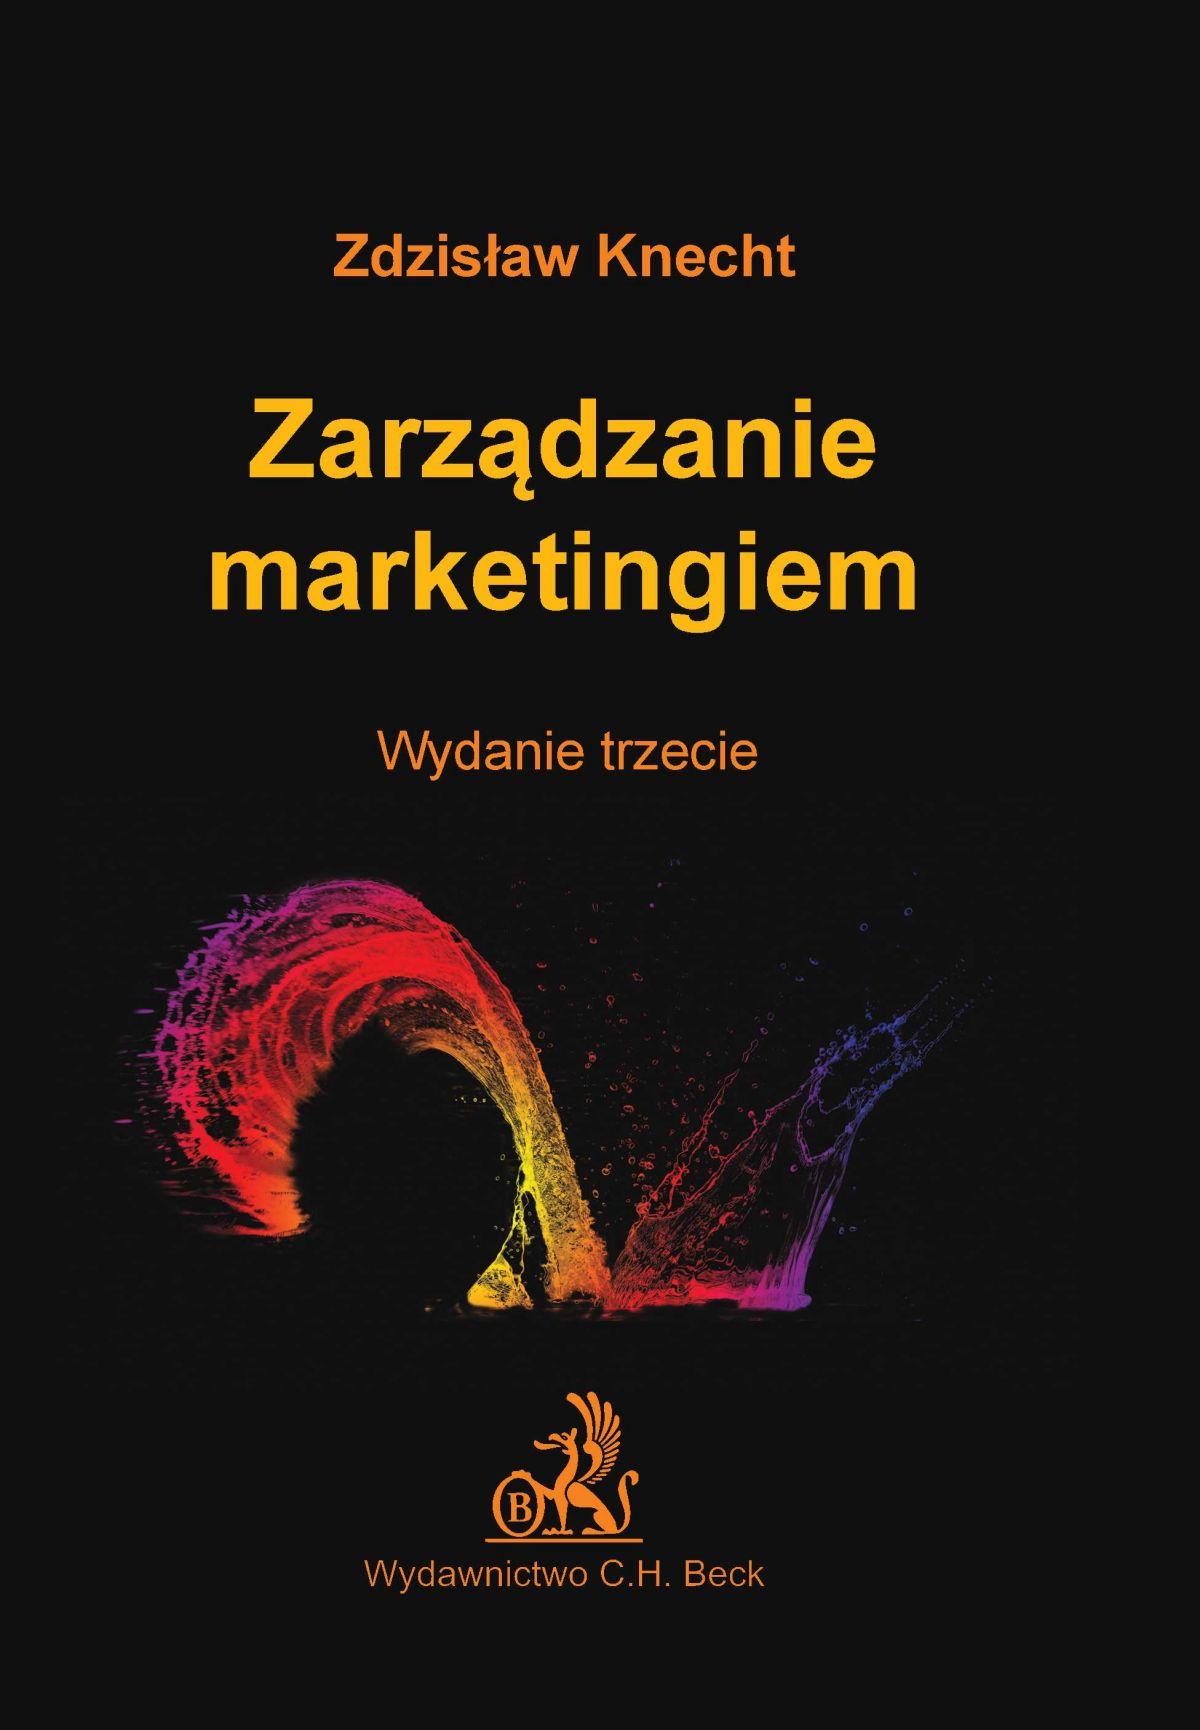 Zarządzanie marketingiem - Ebook (Książka PDF) do pobrania w formacie PDF